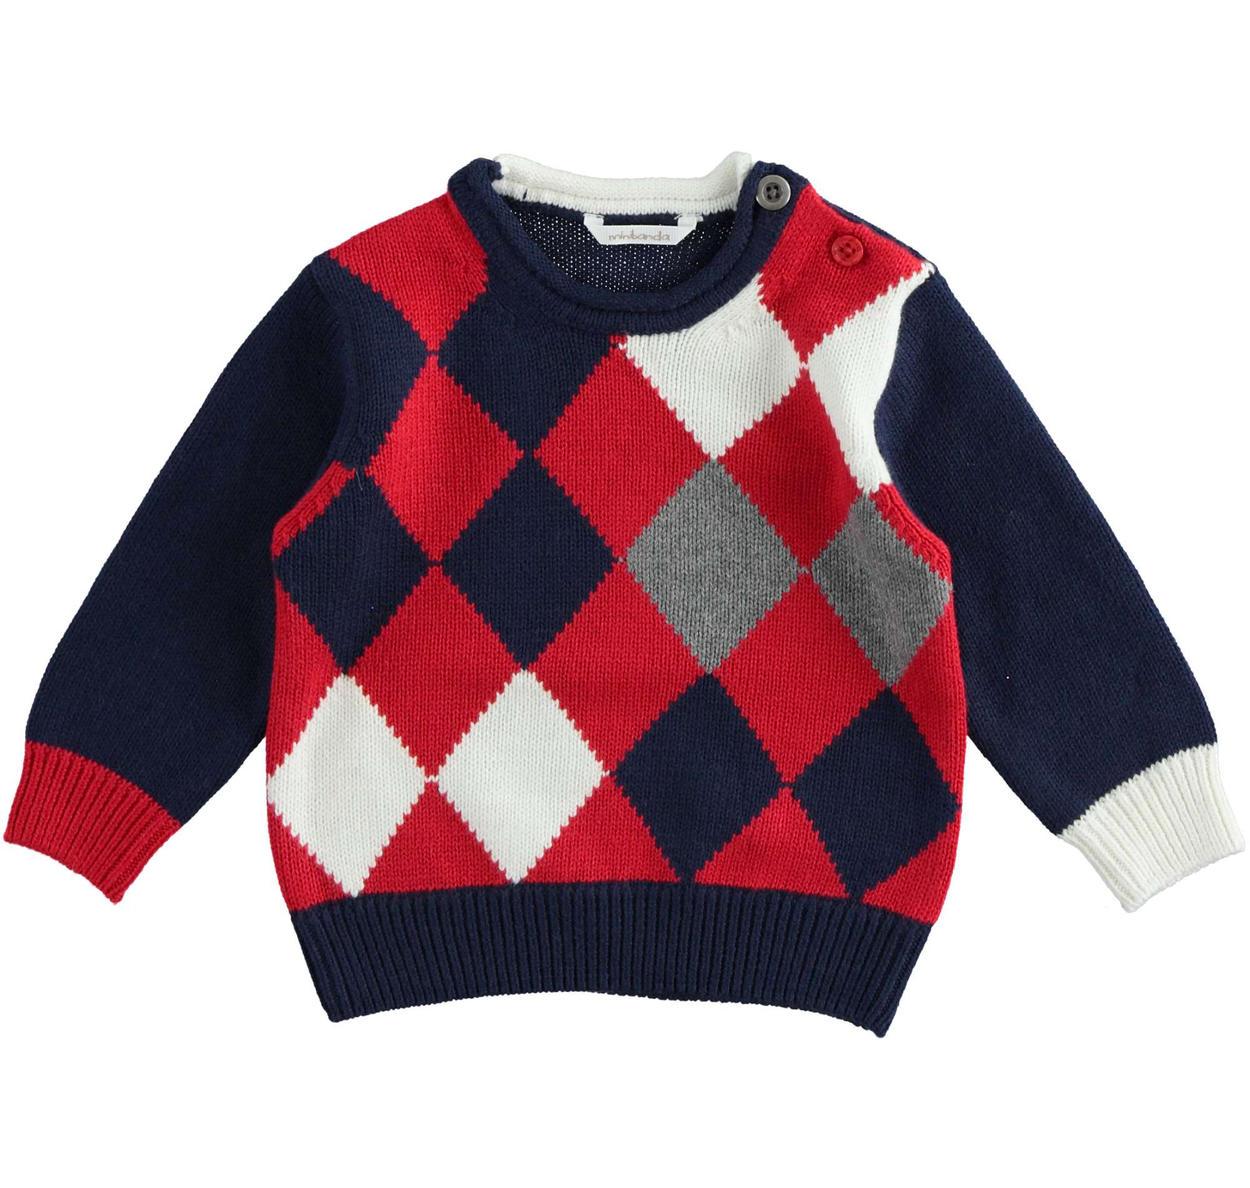 cerca autentico all'ingrosso online stili classici Morbido maglioncino in misto cotone, viscosa e cachemire block color per  neonato da 0 a 24 mesi Minibanda